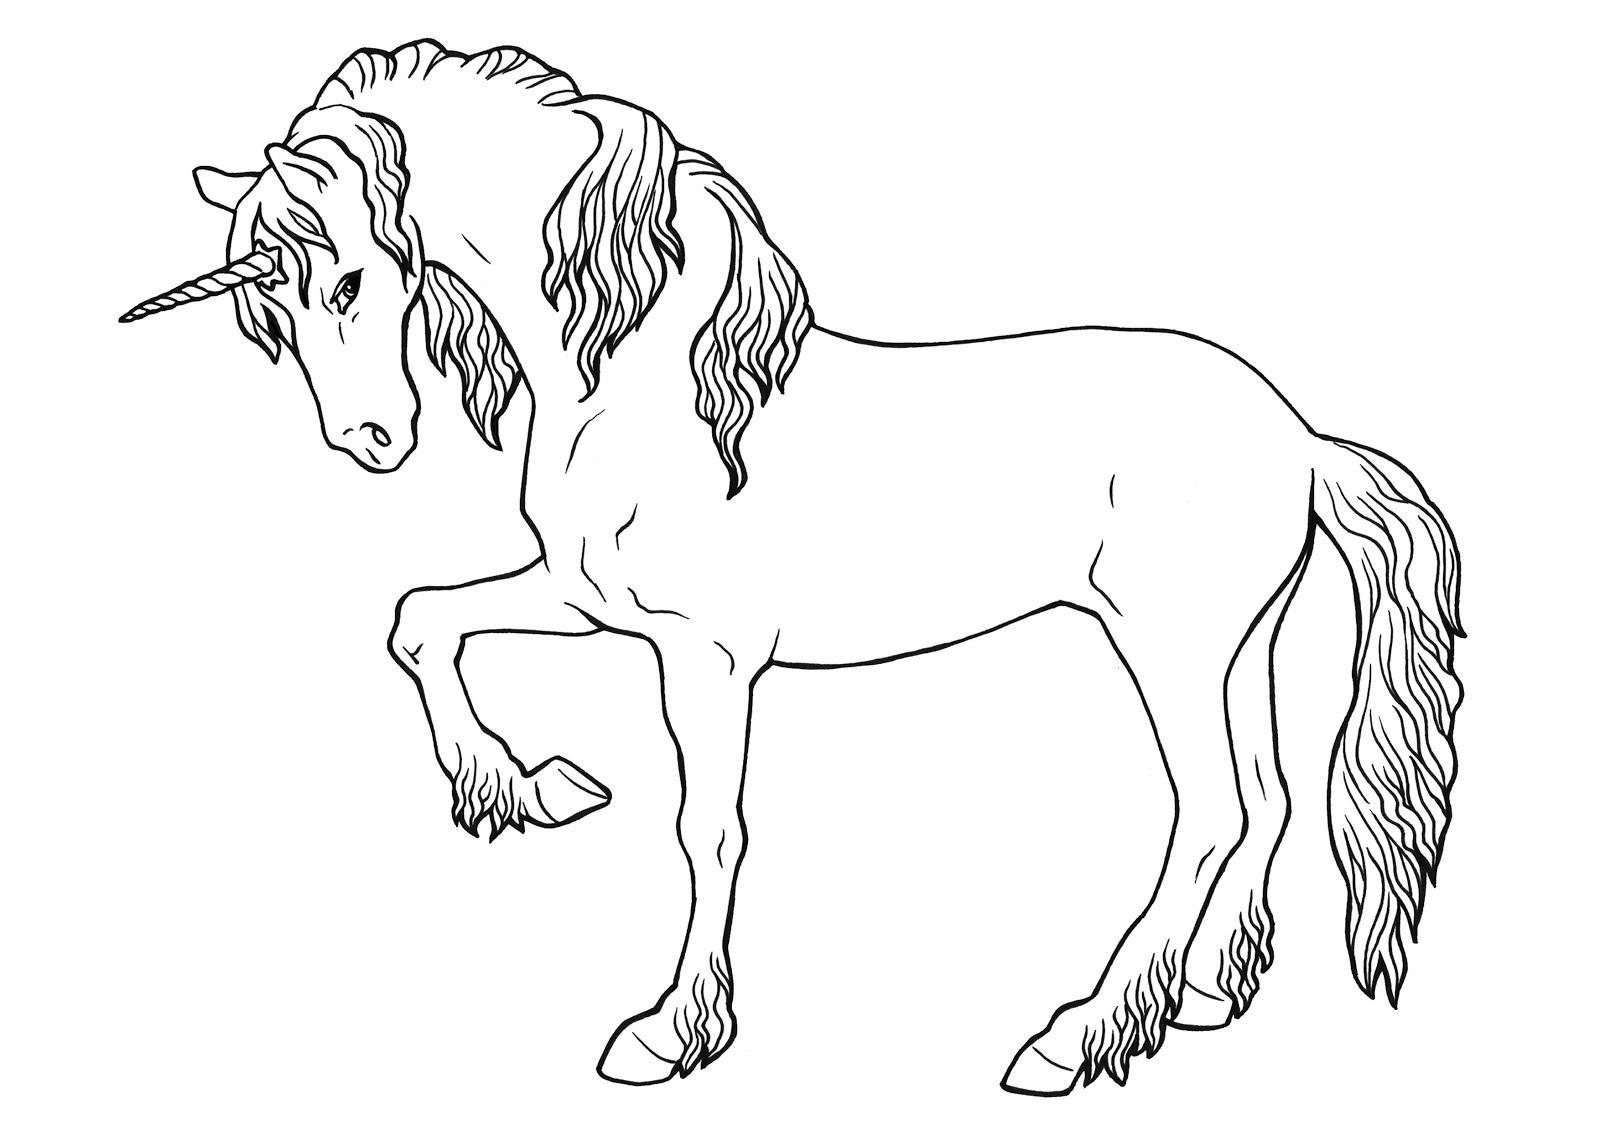 Ausmalbilder Pferde Zum Ausmalen 99 Pferde Zum Ausmalen Ideen